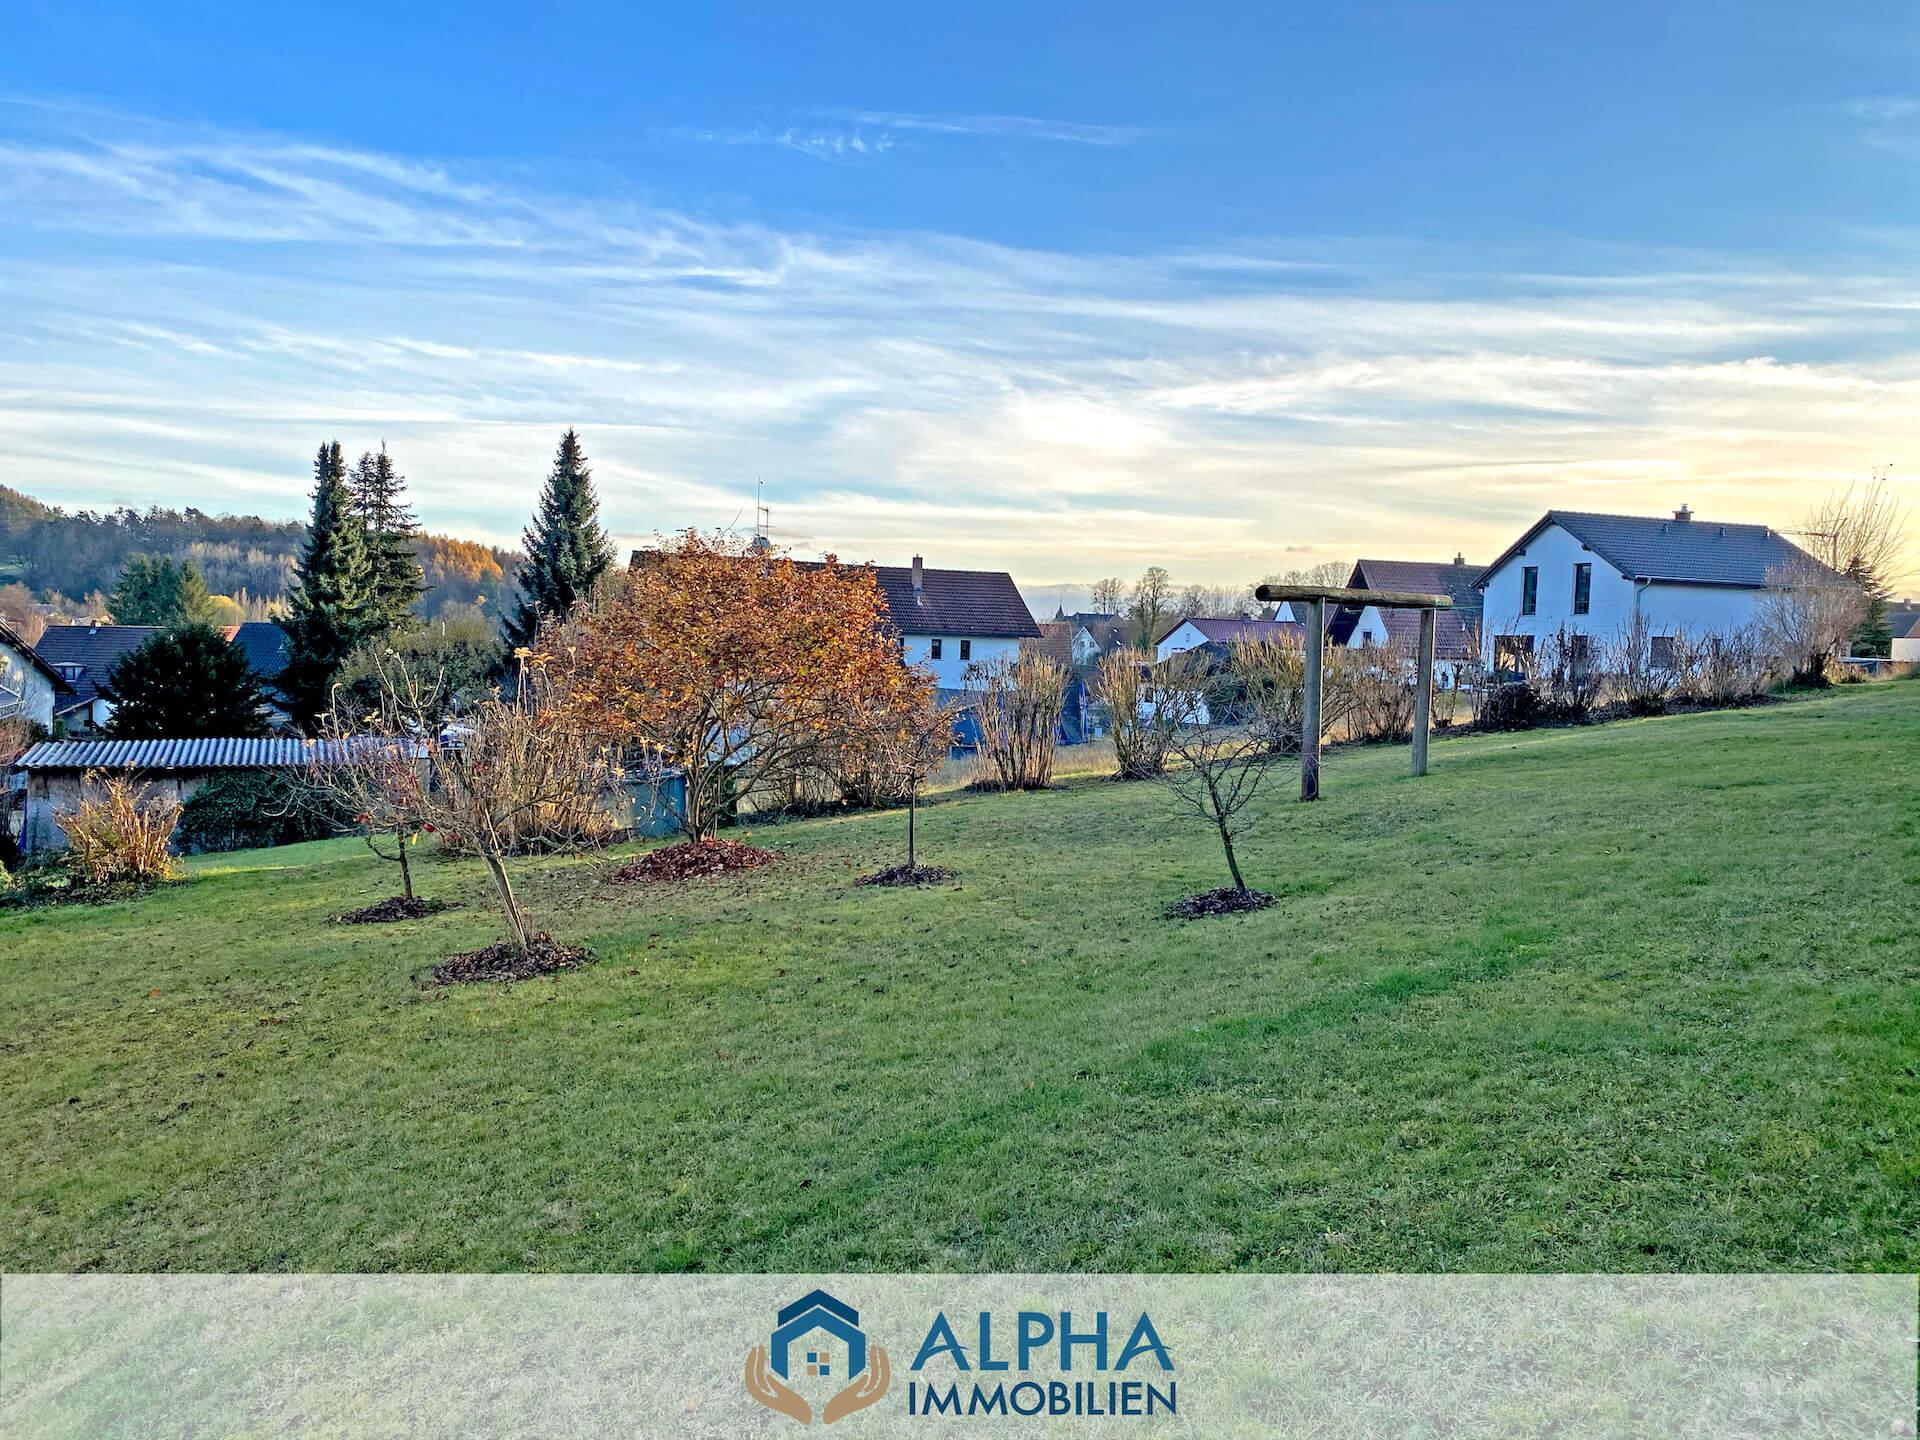 alpha-immobilien-20-8-42